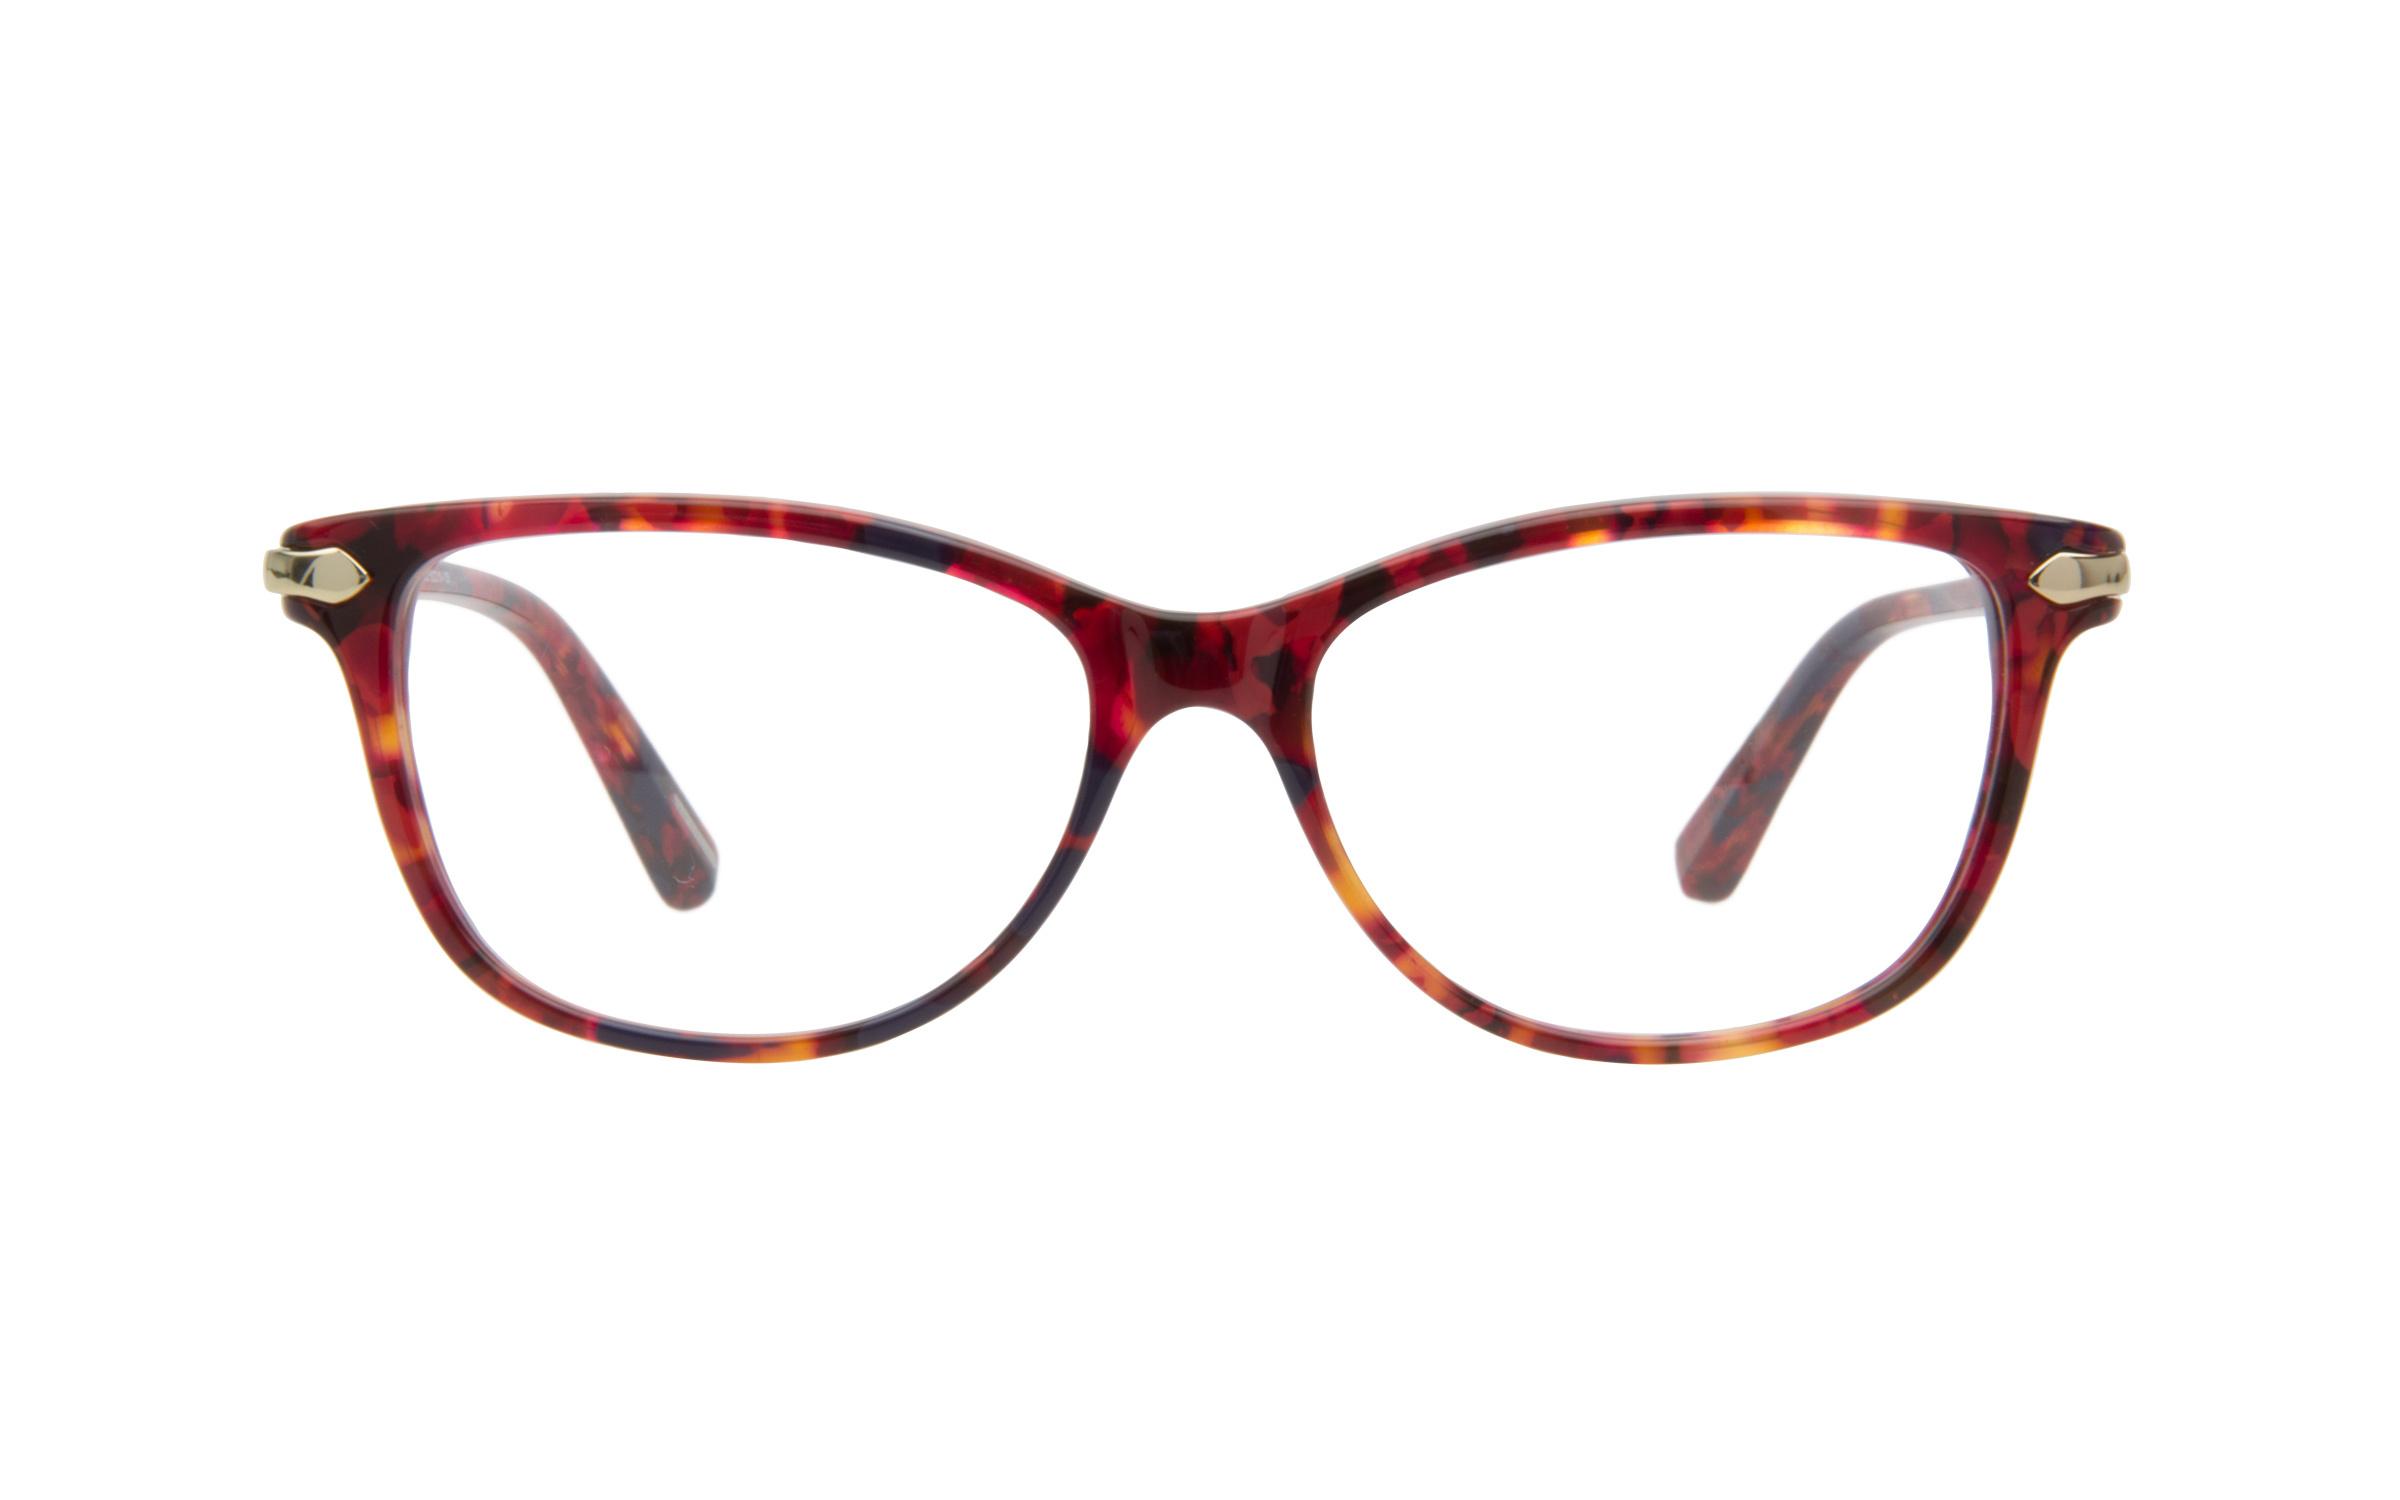 Kam Dhillon Gazelle 3089 Marrakesh Red Eyeglasses and Frames for ...